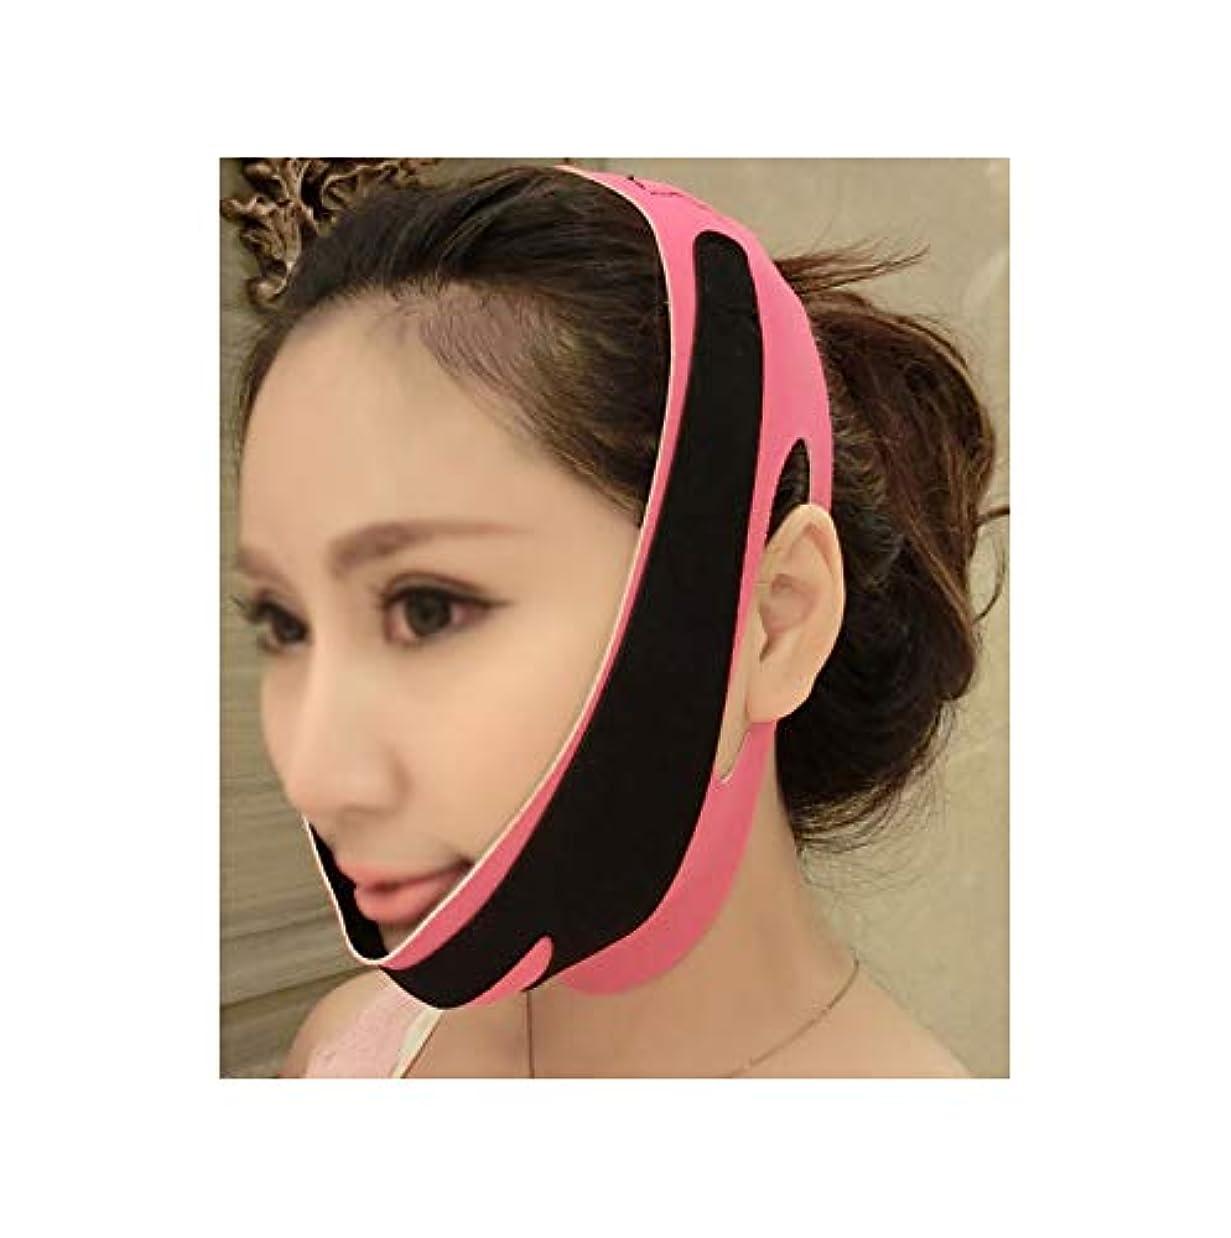 溶かす番目貢献GLJJQMY 二重あごを取り除くために顔を持ち上げる包帯顔スリムVラインの顔の形のあごの頬を持ち上げる抗しわリフトベルトフェイシャルマッサージツール女性と女の子3顔包帯 顔用整形マスク